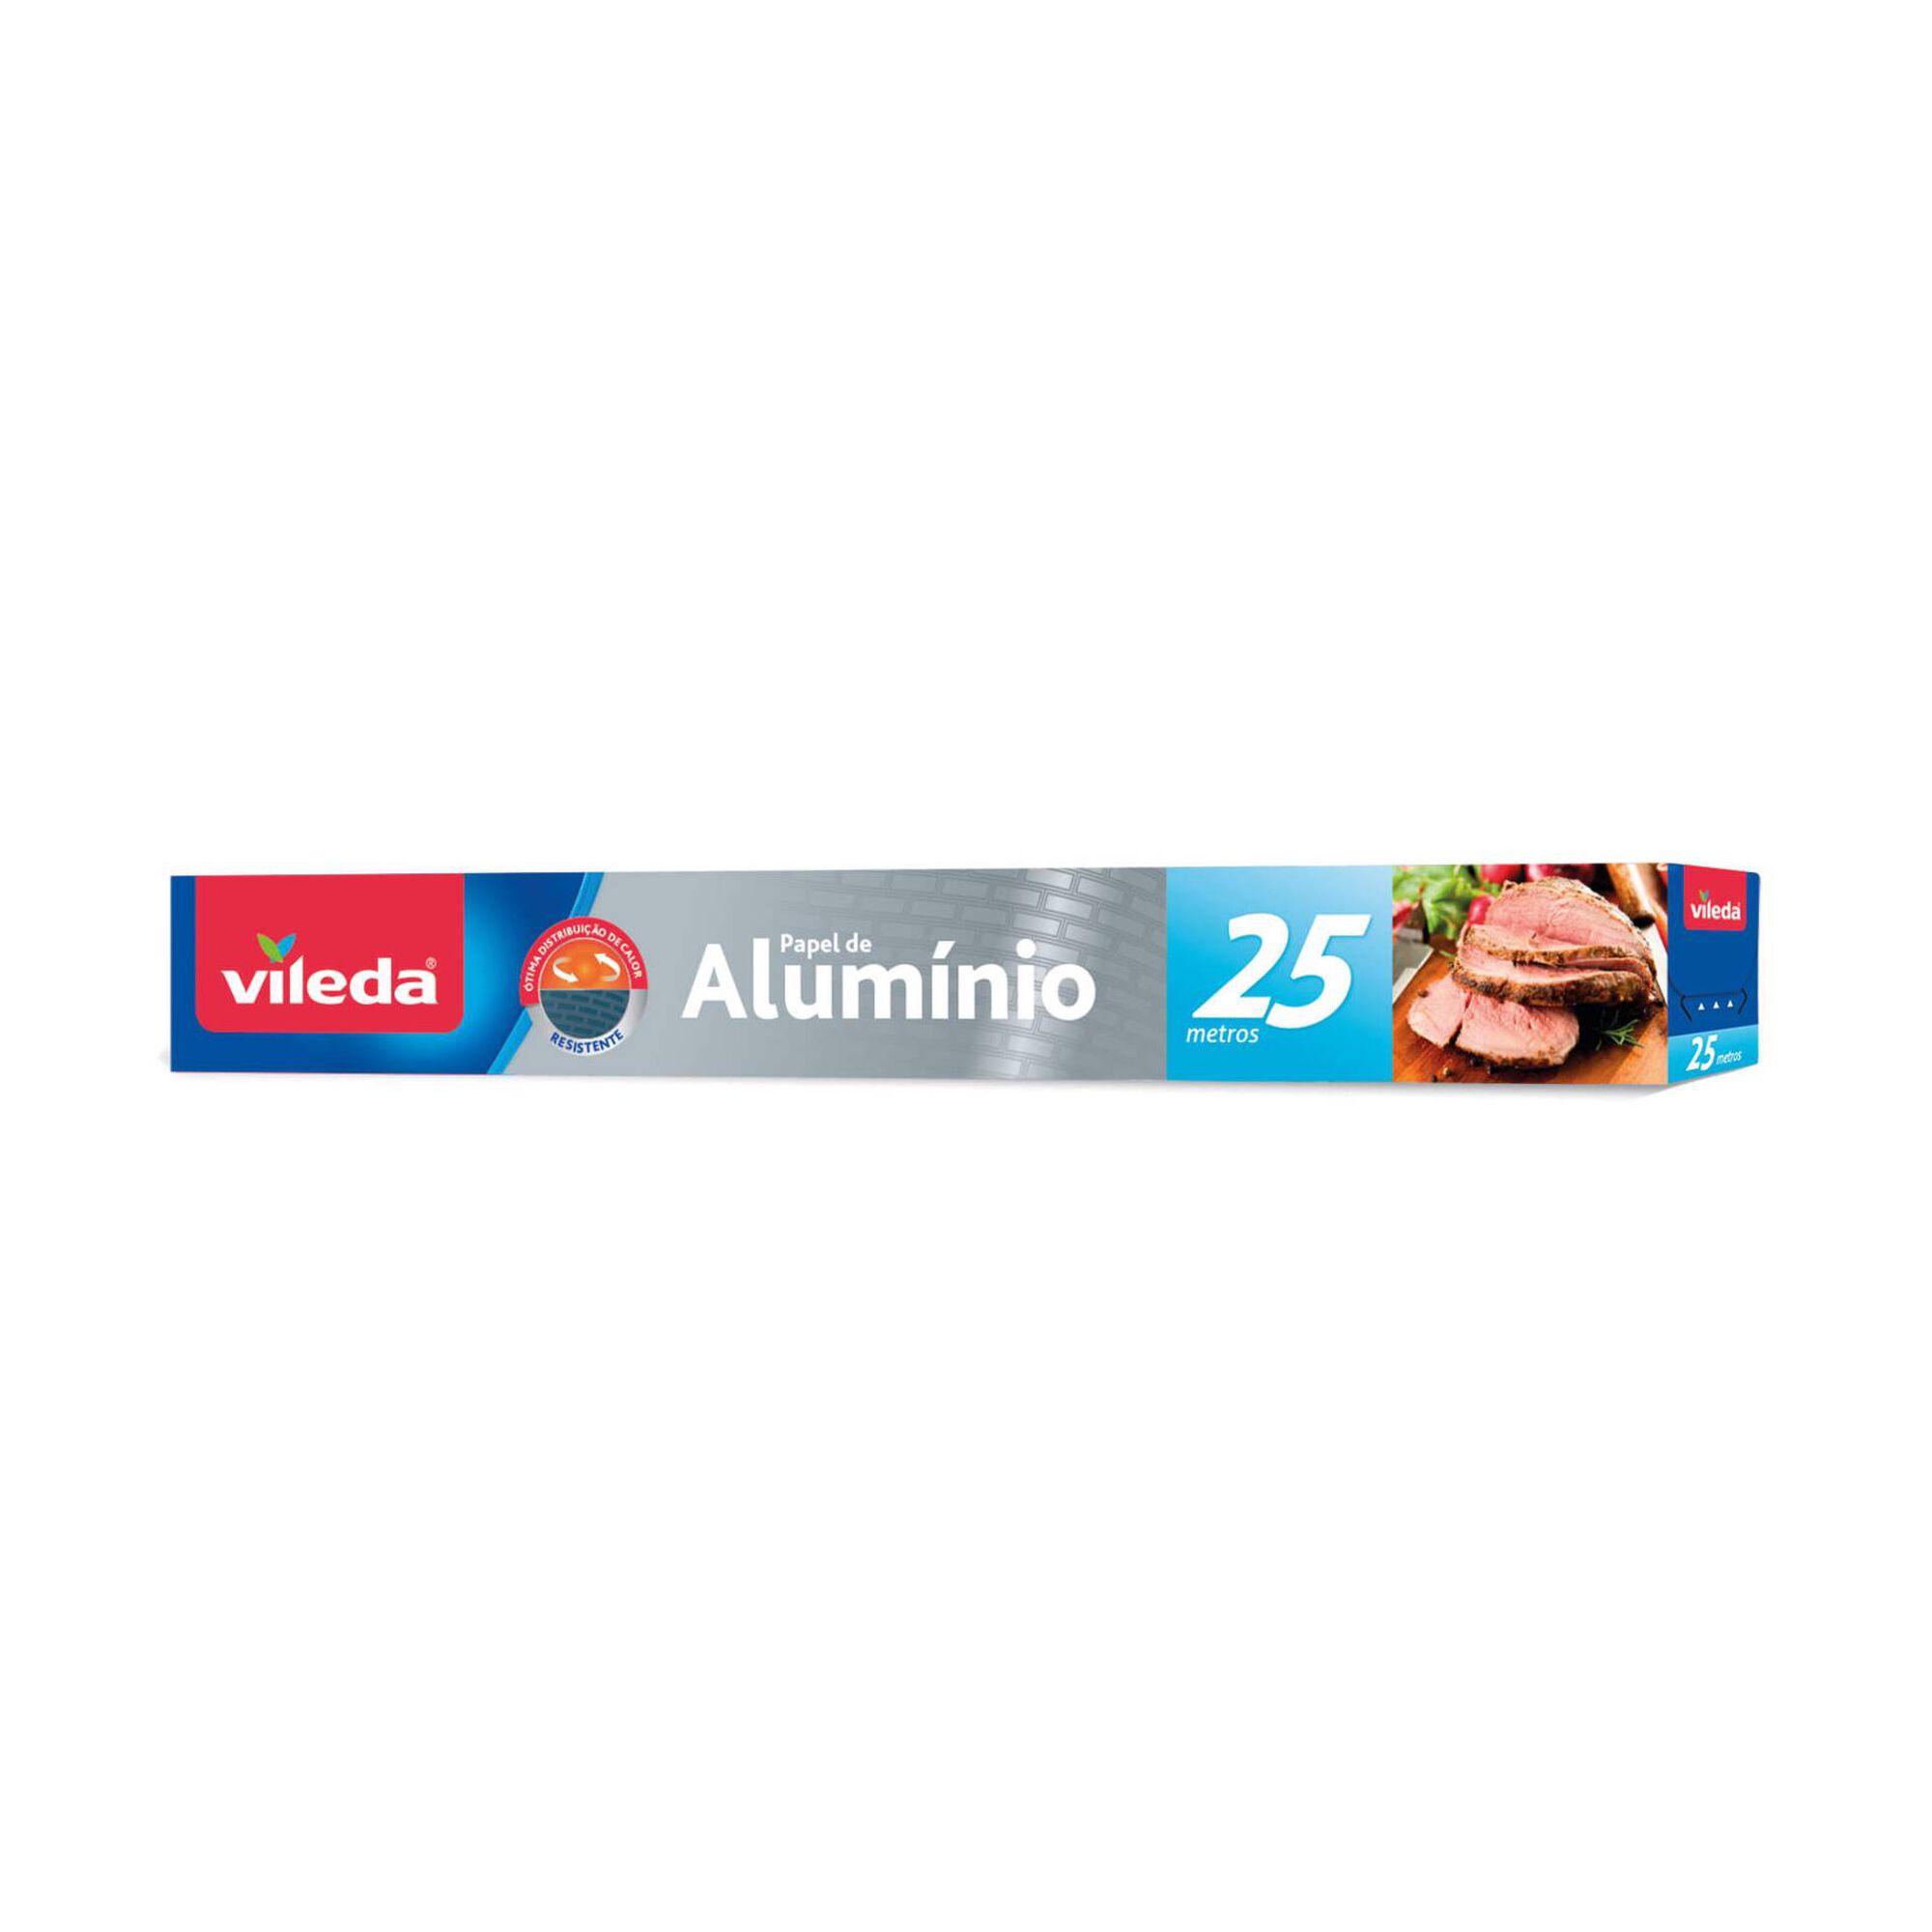 Papel de Alumínio 25m